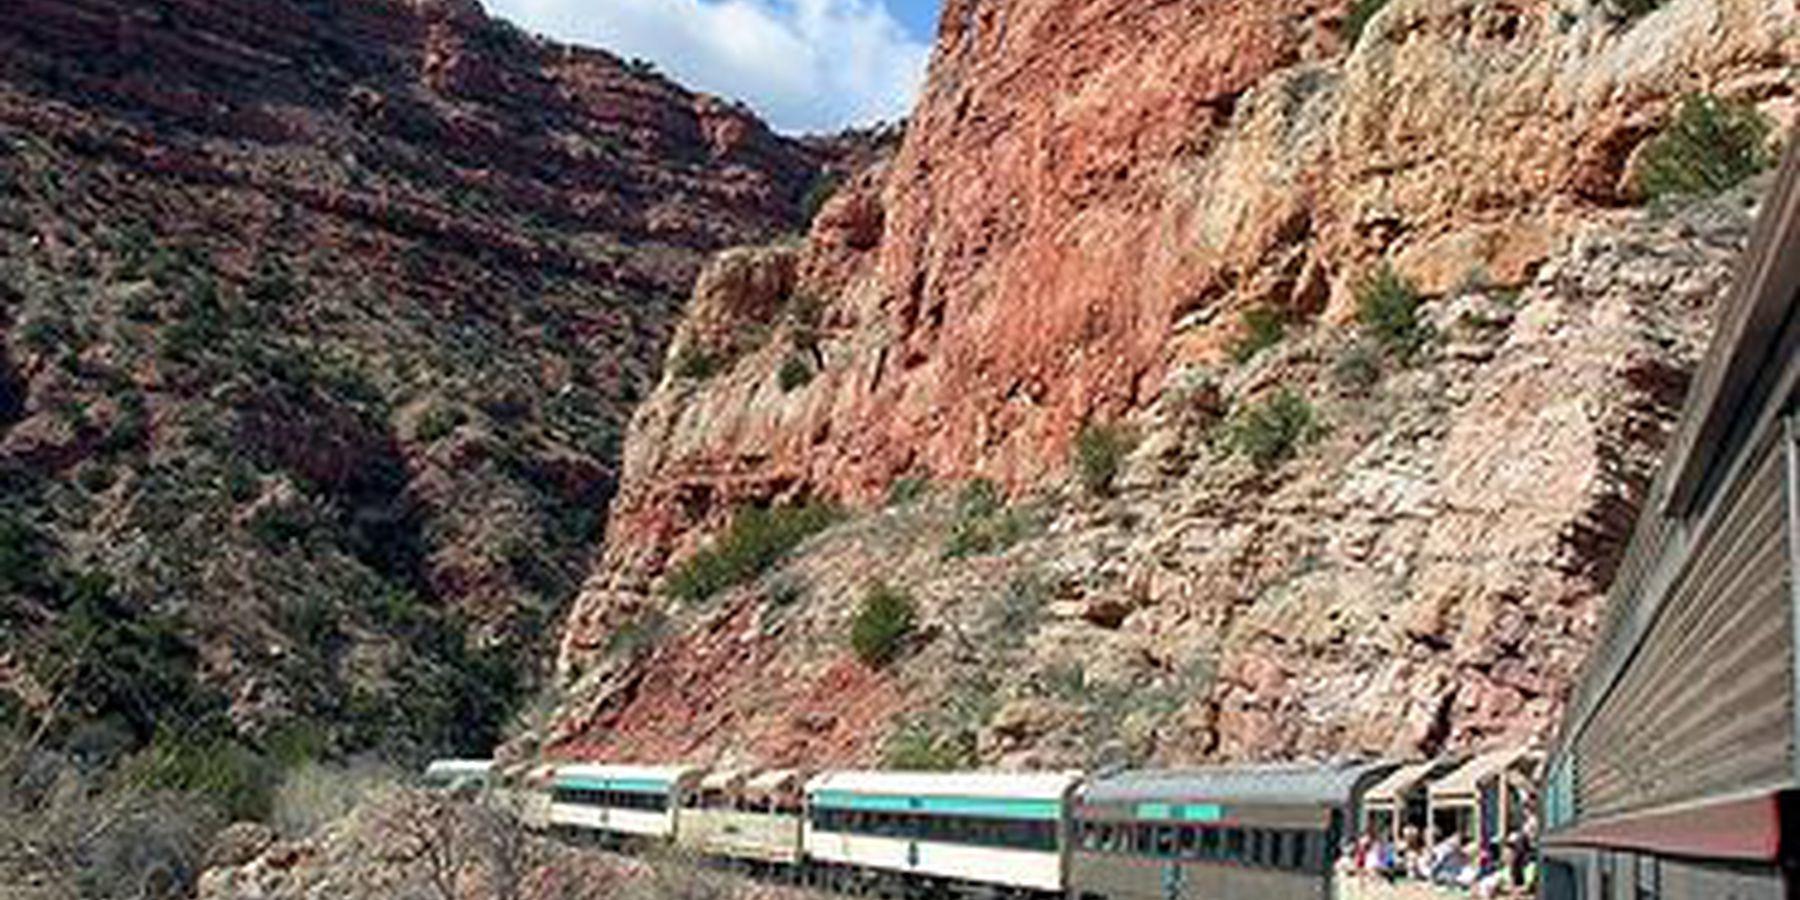 Verde Canyon Railroad - Sedona - Arizona - Doets Reizen